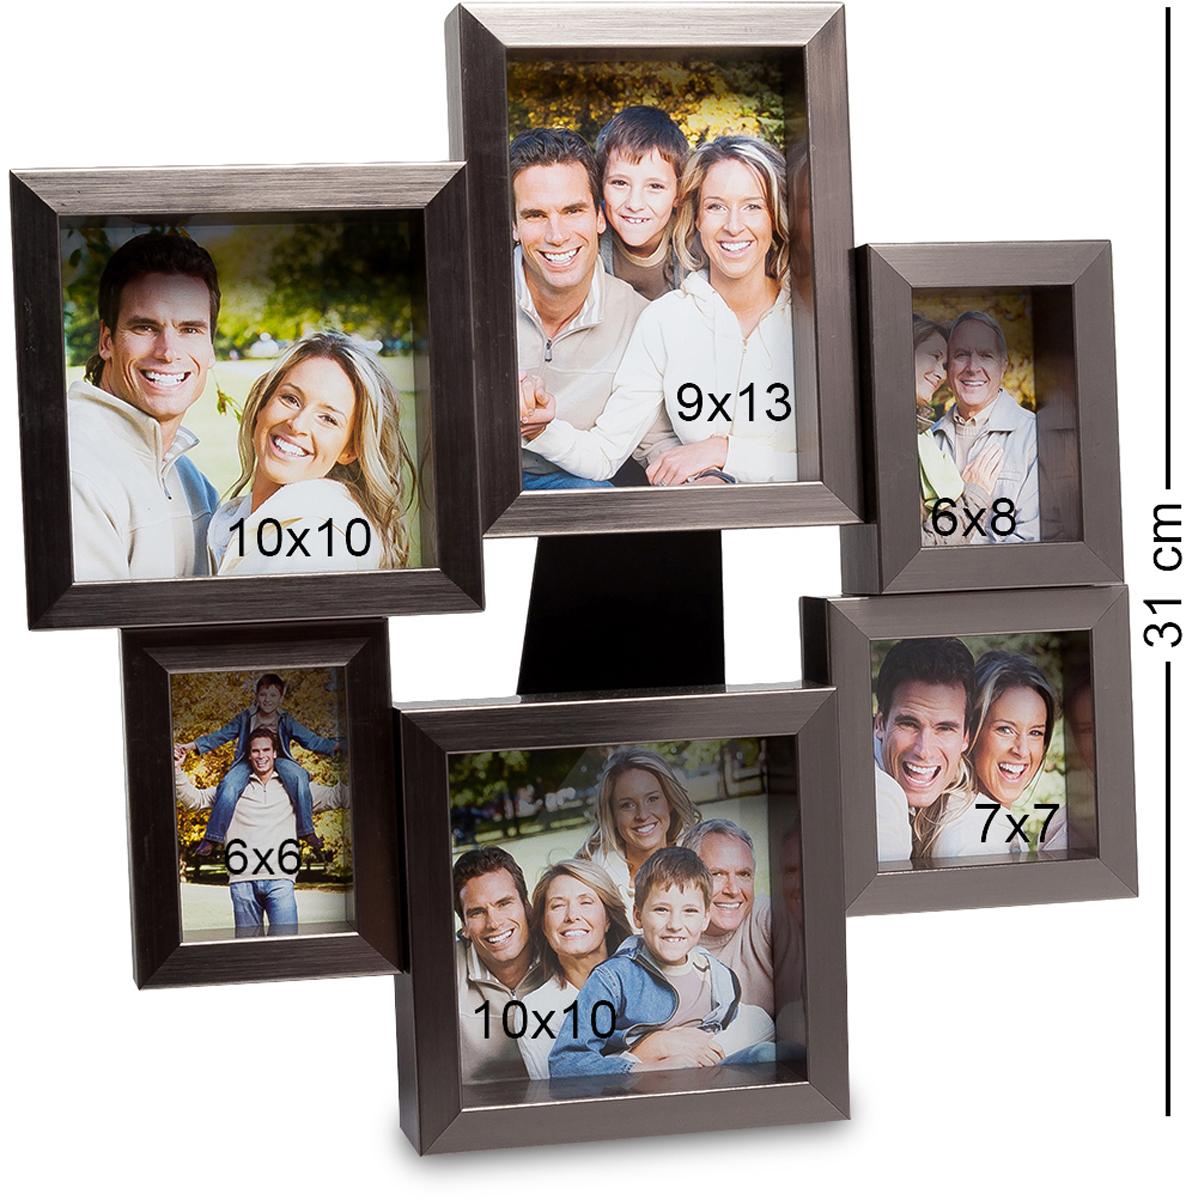 Панно из фоторамок Bellezza Casa Семейная история, на 6 фото: 9х13, 6х8, 7х7, 10х10. CHK-13574-0060Панно из фоторамок на 6 фото для фотографий 5х8, 9х13, 10х10 и 9х9 см.Фоторамка настенная украсит ваши комнаты красивыми фотографиями. Она необычная, неординарная, рамочки расположены, как бы по кругу и отличаются своим размером. То есть вы сможете вложить в них не только фото одного размера, но и разные. Это могут быть как фото любимого мужа и жены, драгоценных детишек и других членов семьи. На настенной фторамке Семейная история места хватит всем. Она не просто оригинальна, но и красива. И, что в ней привлекает, кроме всего прочего, так это ее цвет. Изысканный, дорогой цвет металла делает и саму рамку дорогой и роскошной.